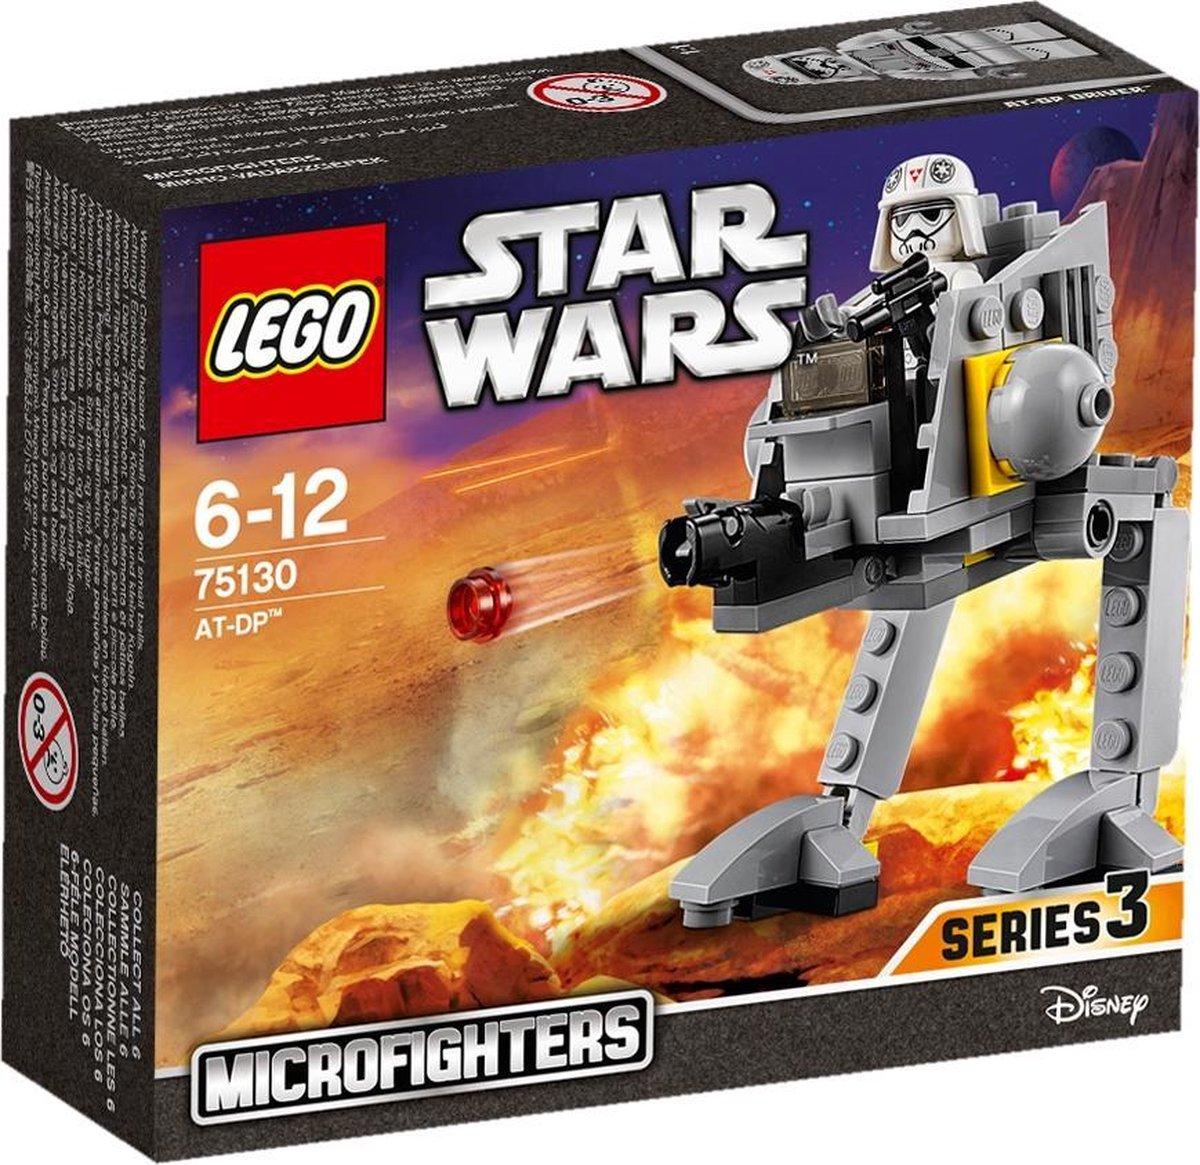 LEGO Star Wars AT-DP - 75130